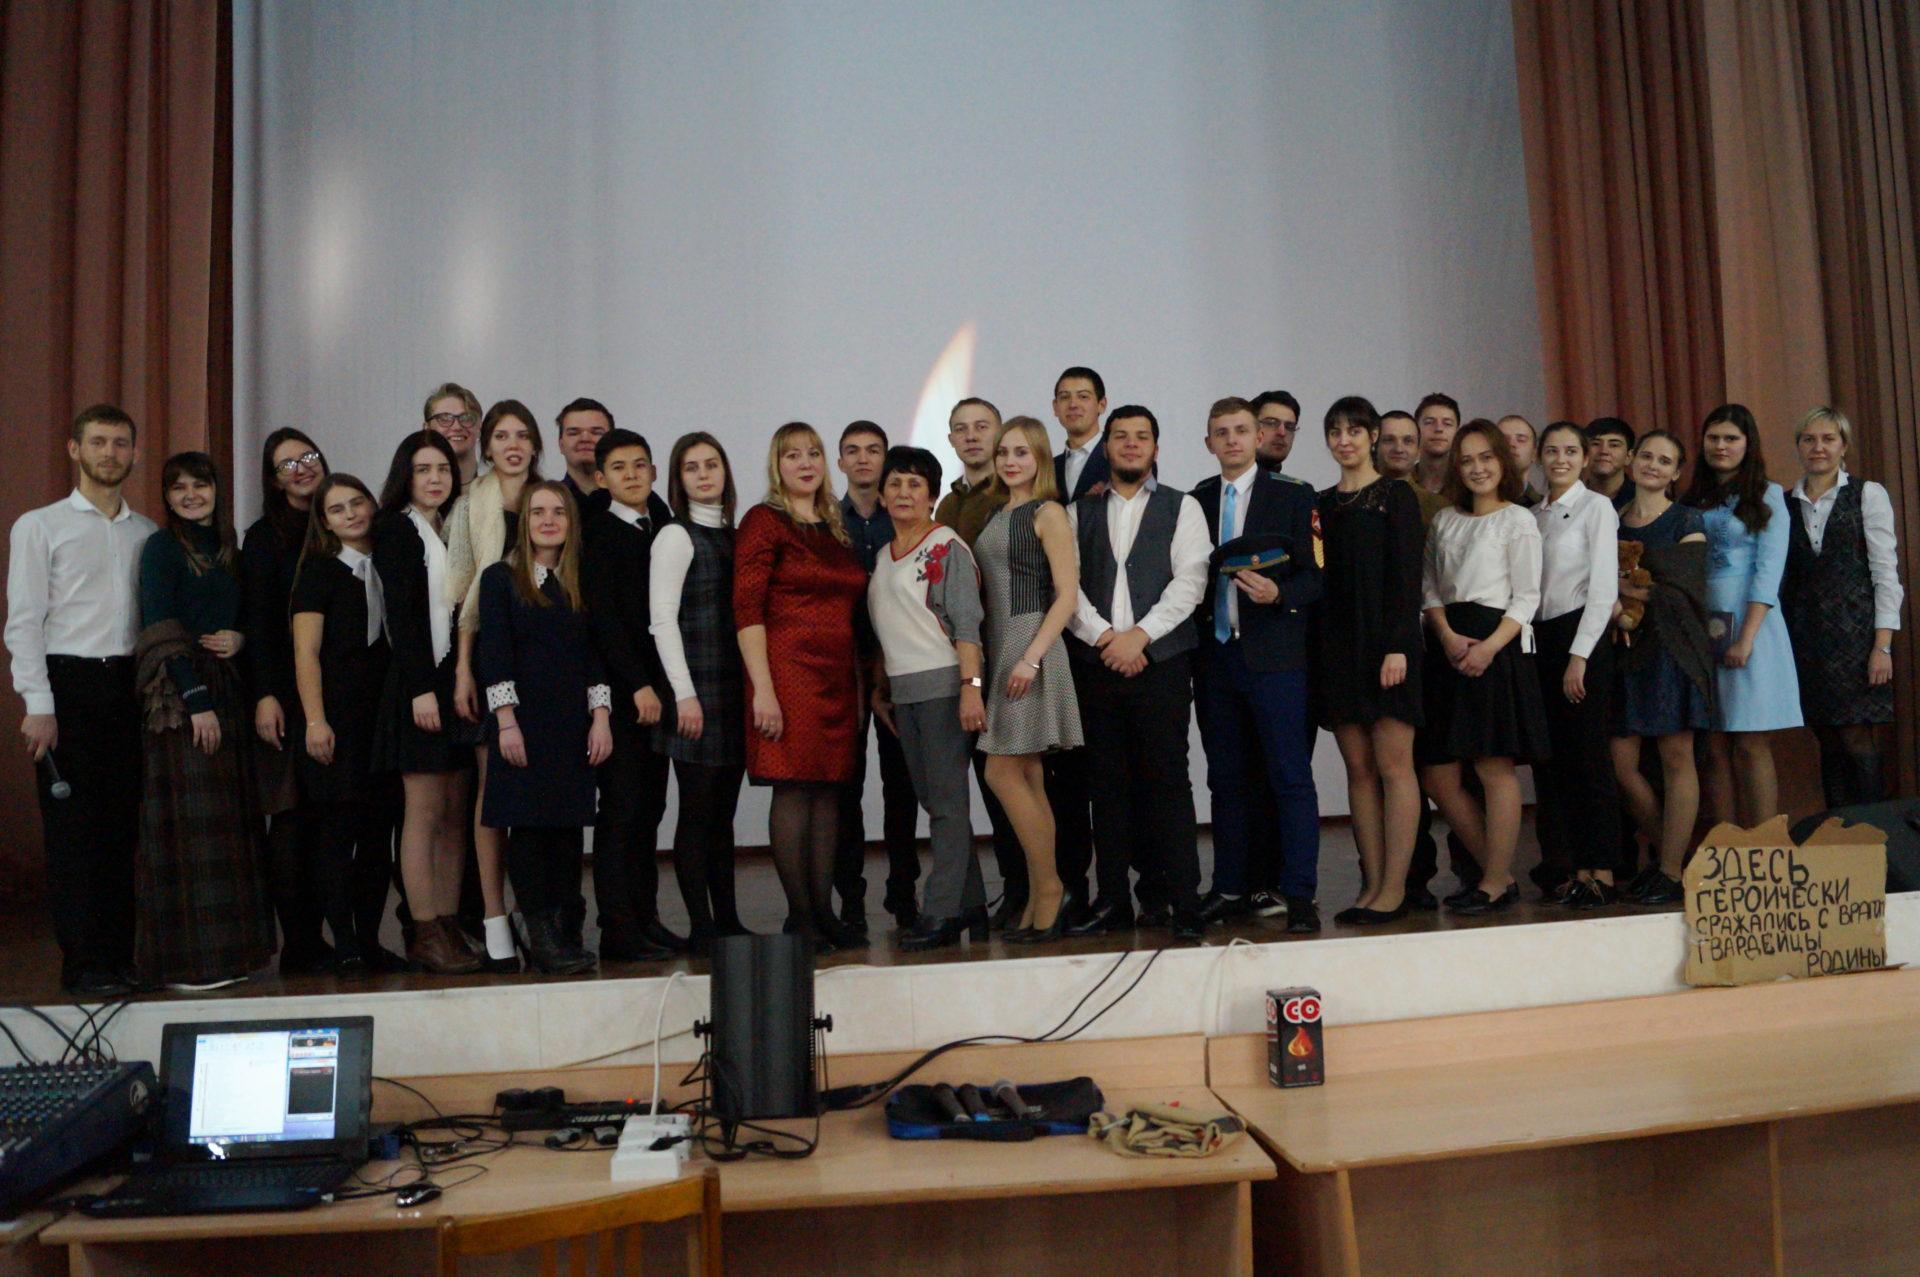 Спектакль о Холокосте поставили студенты и школьники Оренбурга